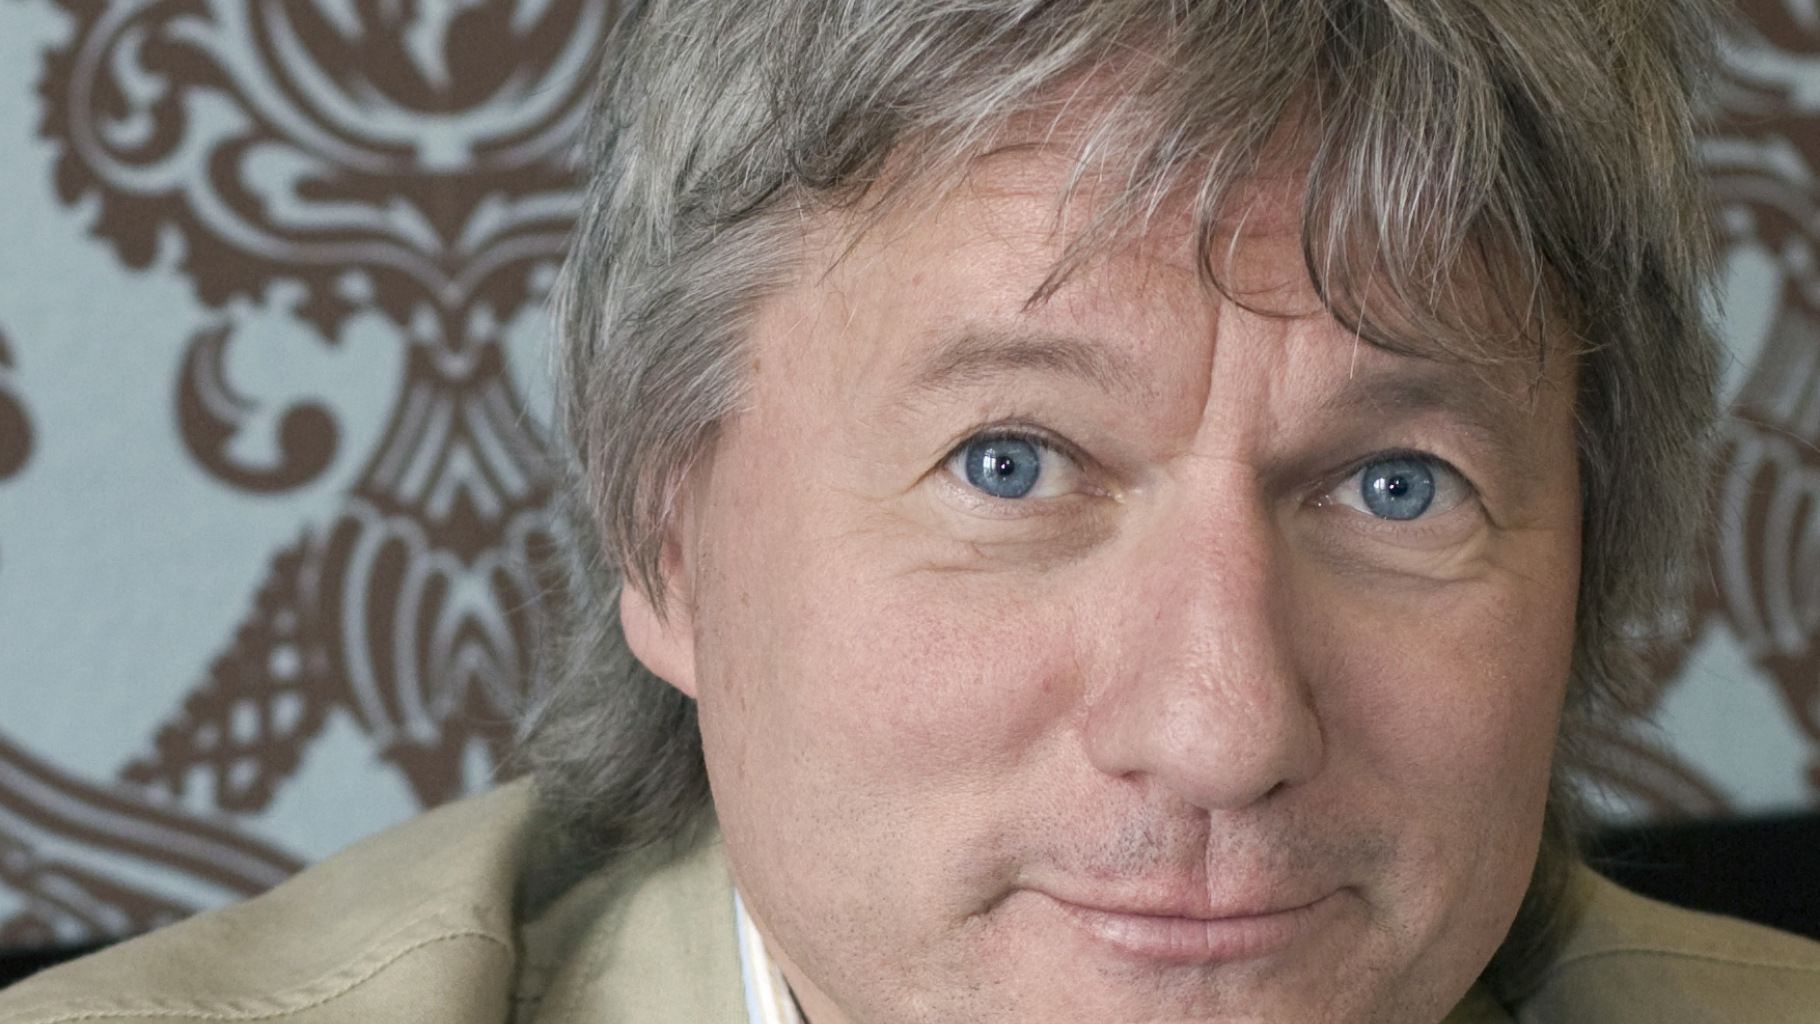 Kölner Kabarettist Jürgen Becker steht im Oxfam Shop Köln-Südstadt hinter der Kasse